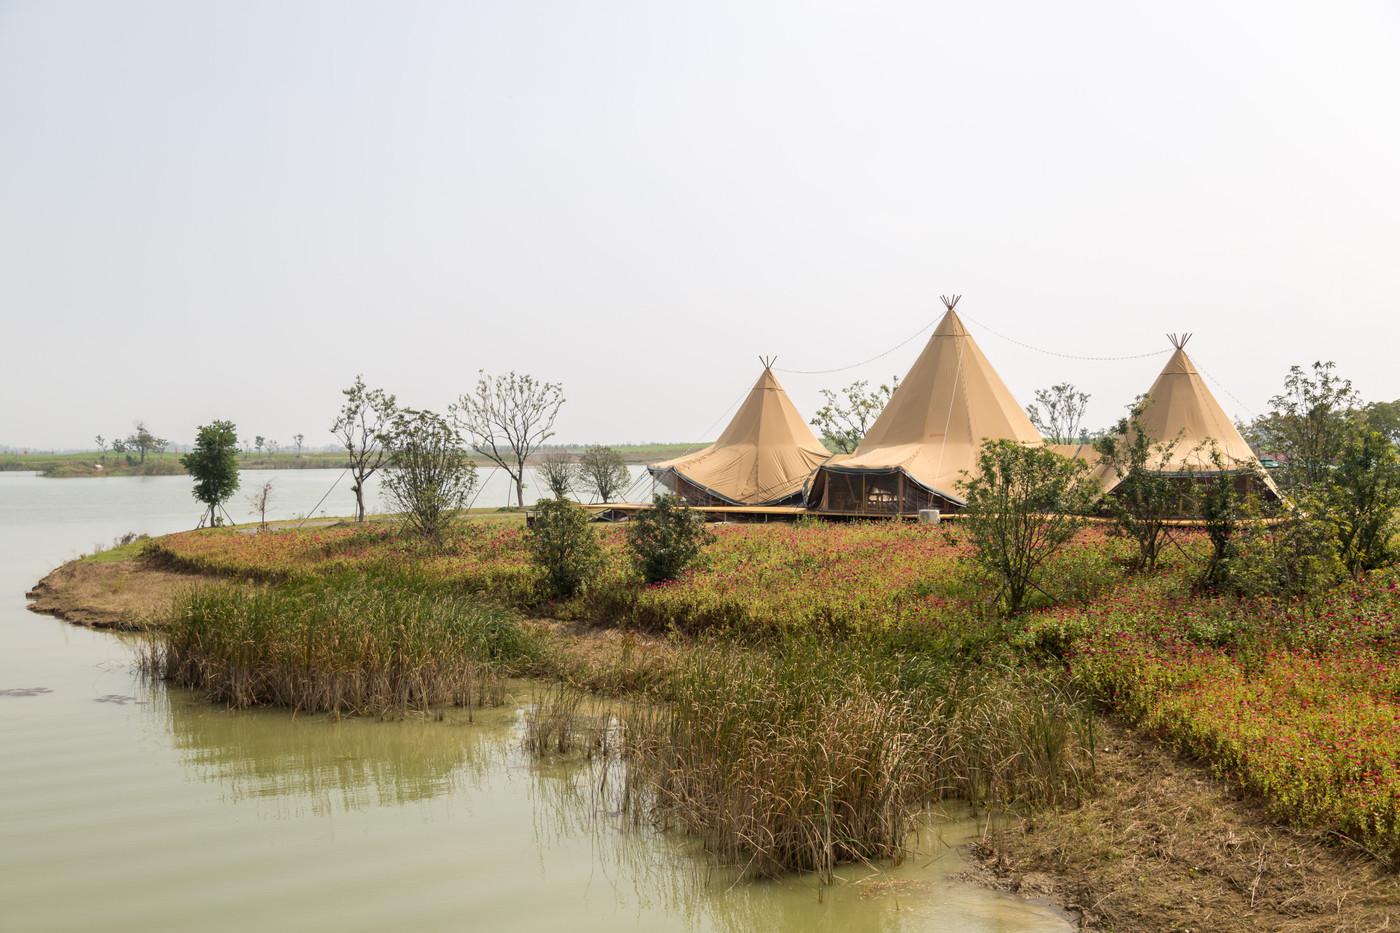 喜马拉雅印第安多功能大厅—淮安白马湖生态旅游度假区14